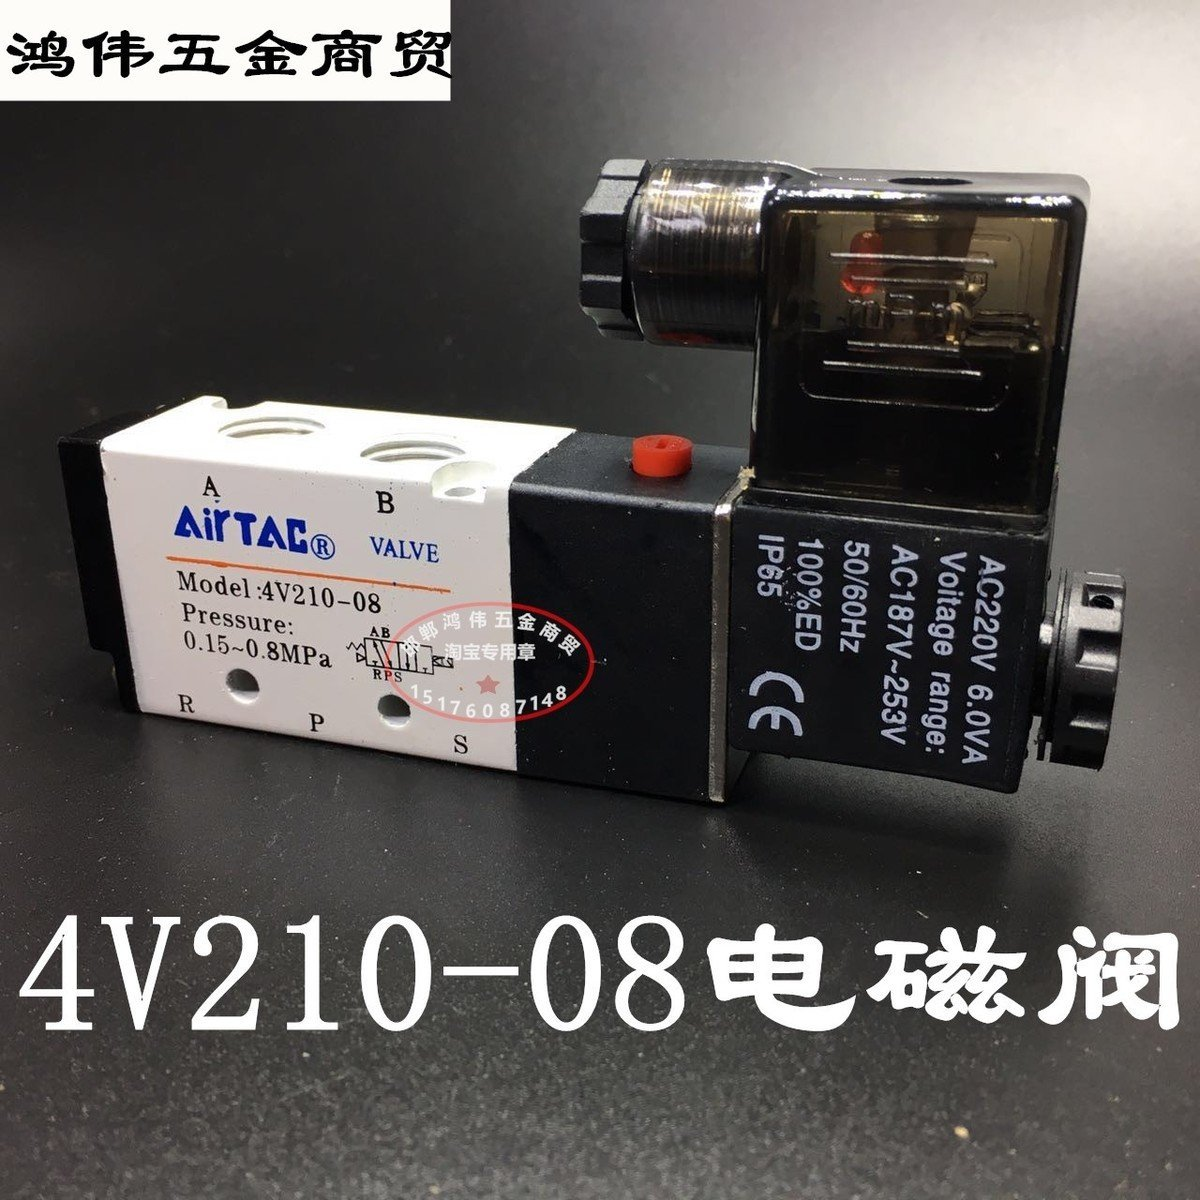 Tipo AIRTAC válvula solenóide 220V 4V210-08 Quente válvula solenóide de controle Da válvula pneumática